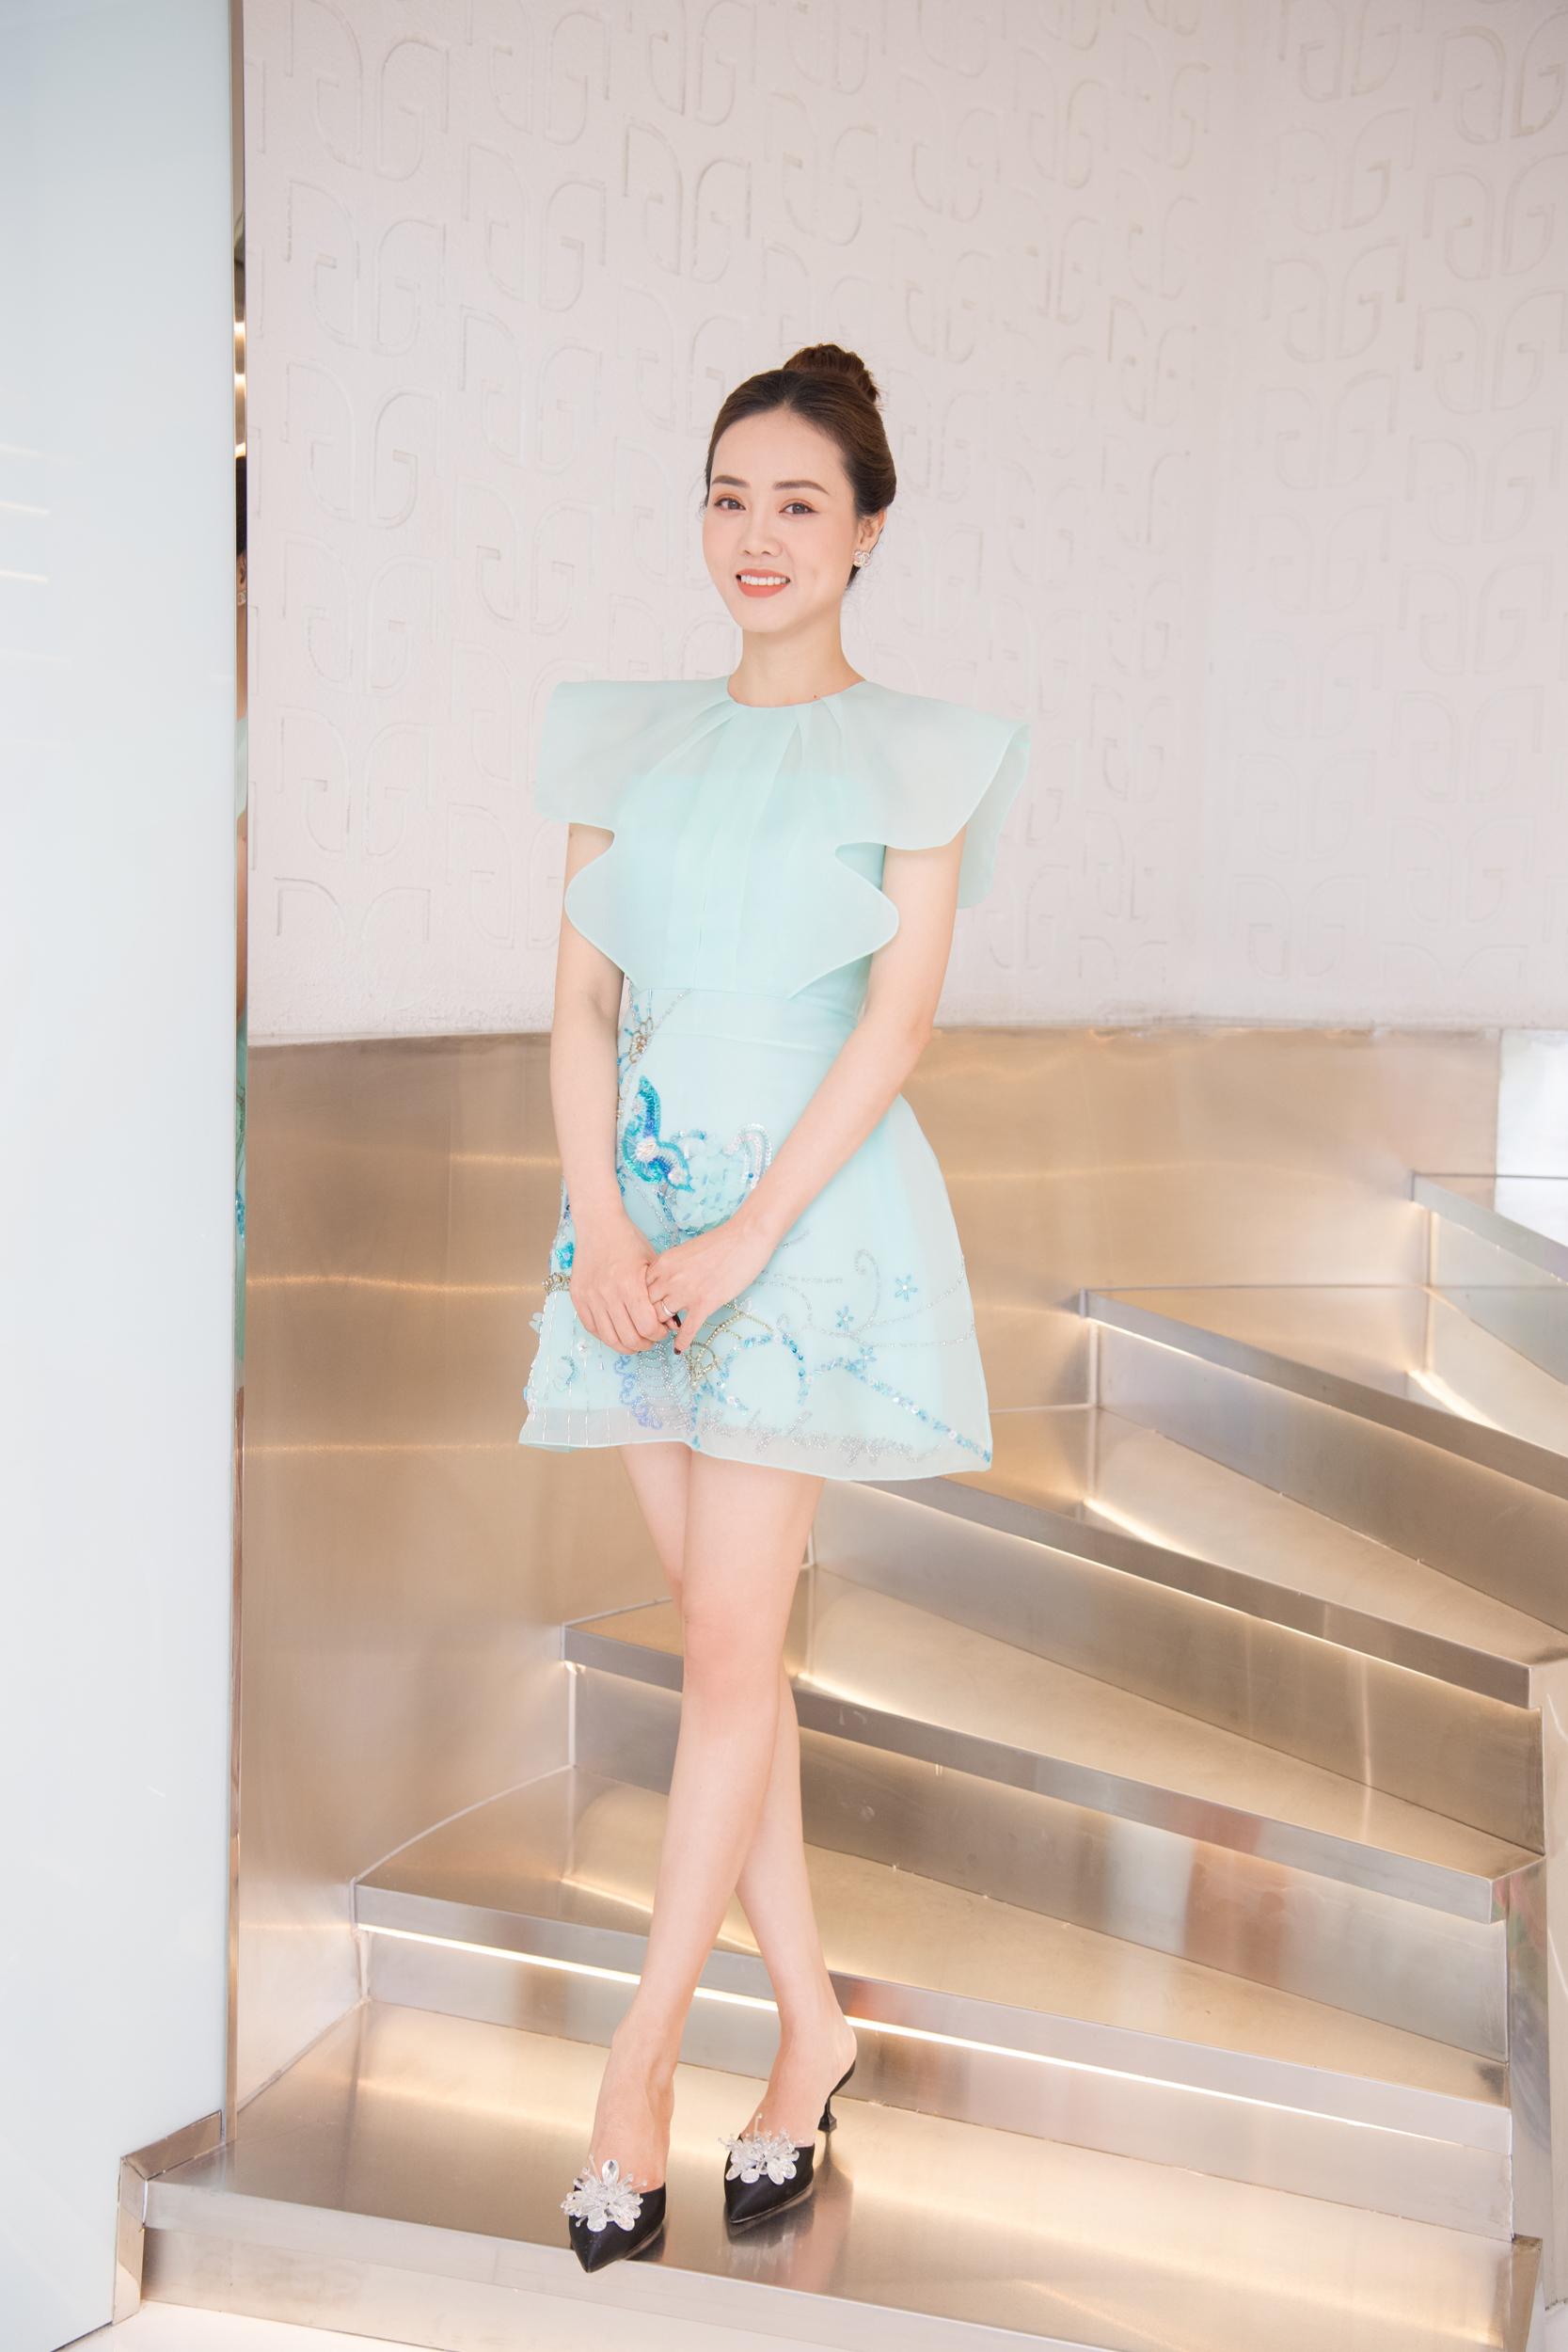 Người đẹp thể hiện gu thời trang tinh tế khi kết hợp đồ thiết kế trong nước với phụ kiện hàng hiệu giá hàng chục triệu đồng.